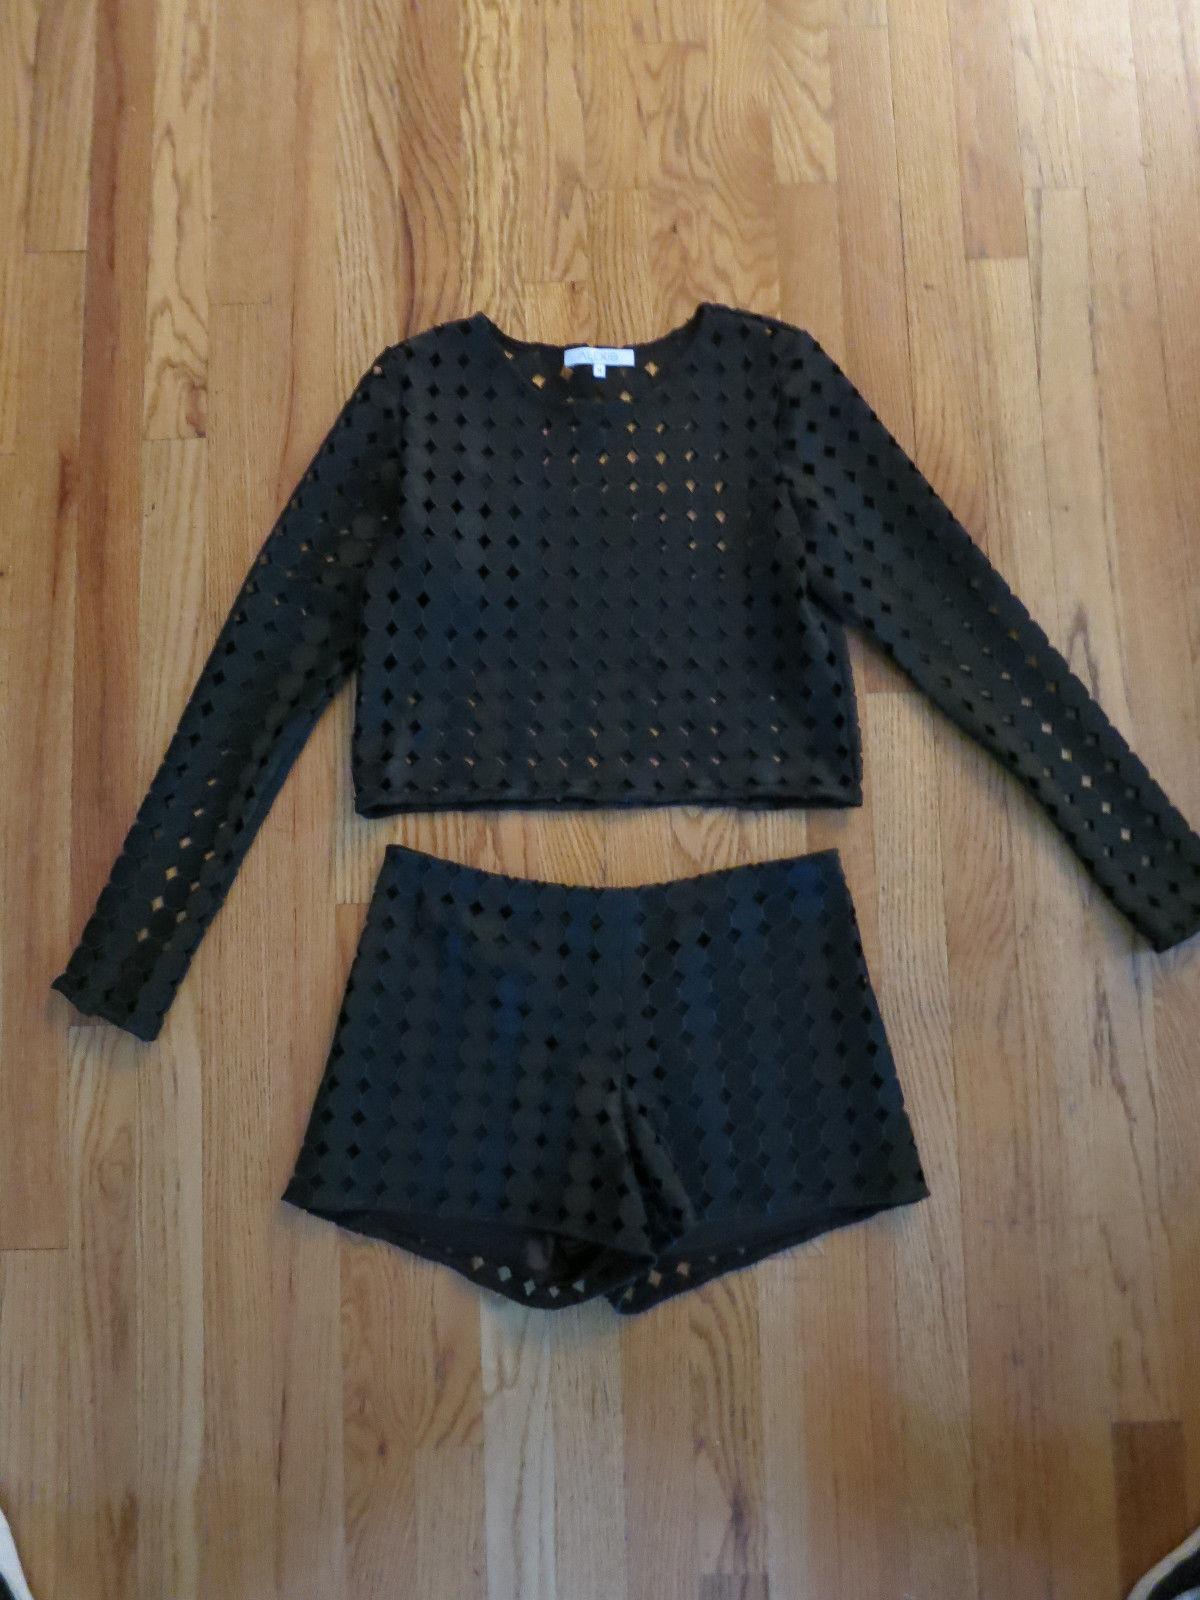 Nuevo sin etiquetas ALEXIS Negro Pantalones Cortos Set  Con Apliques circular Talla M Precioso Raro  más descuento